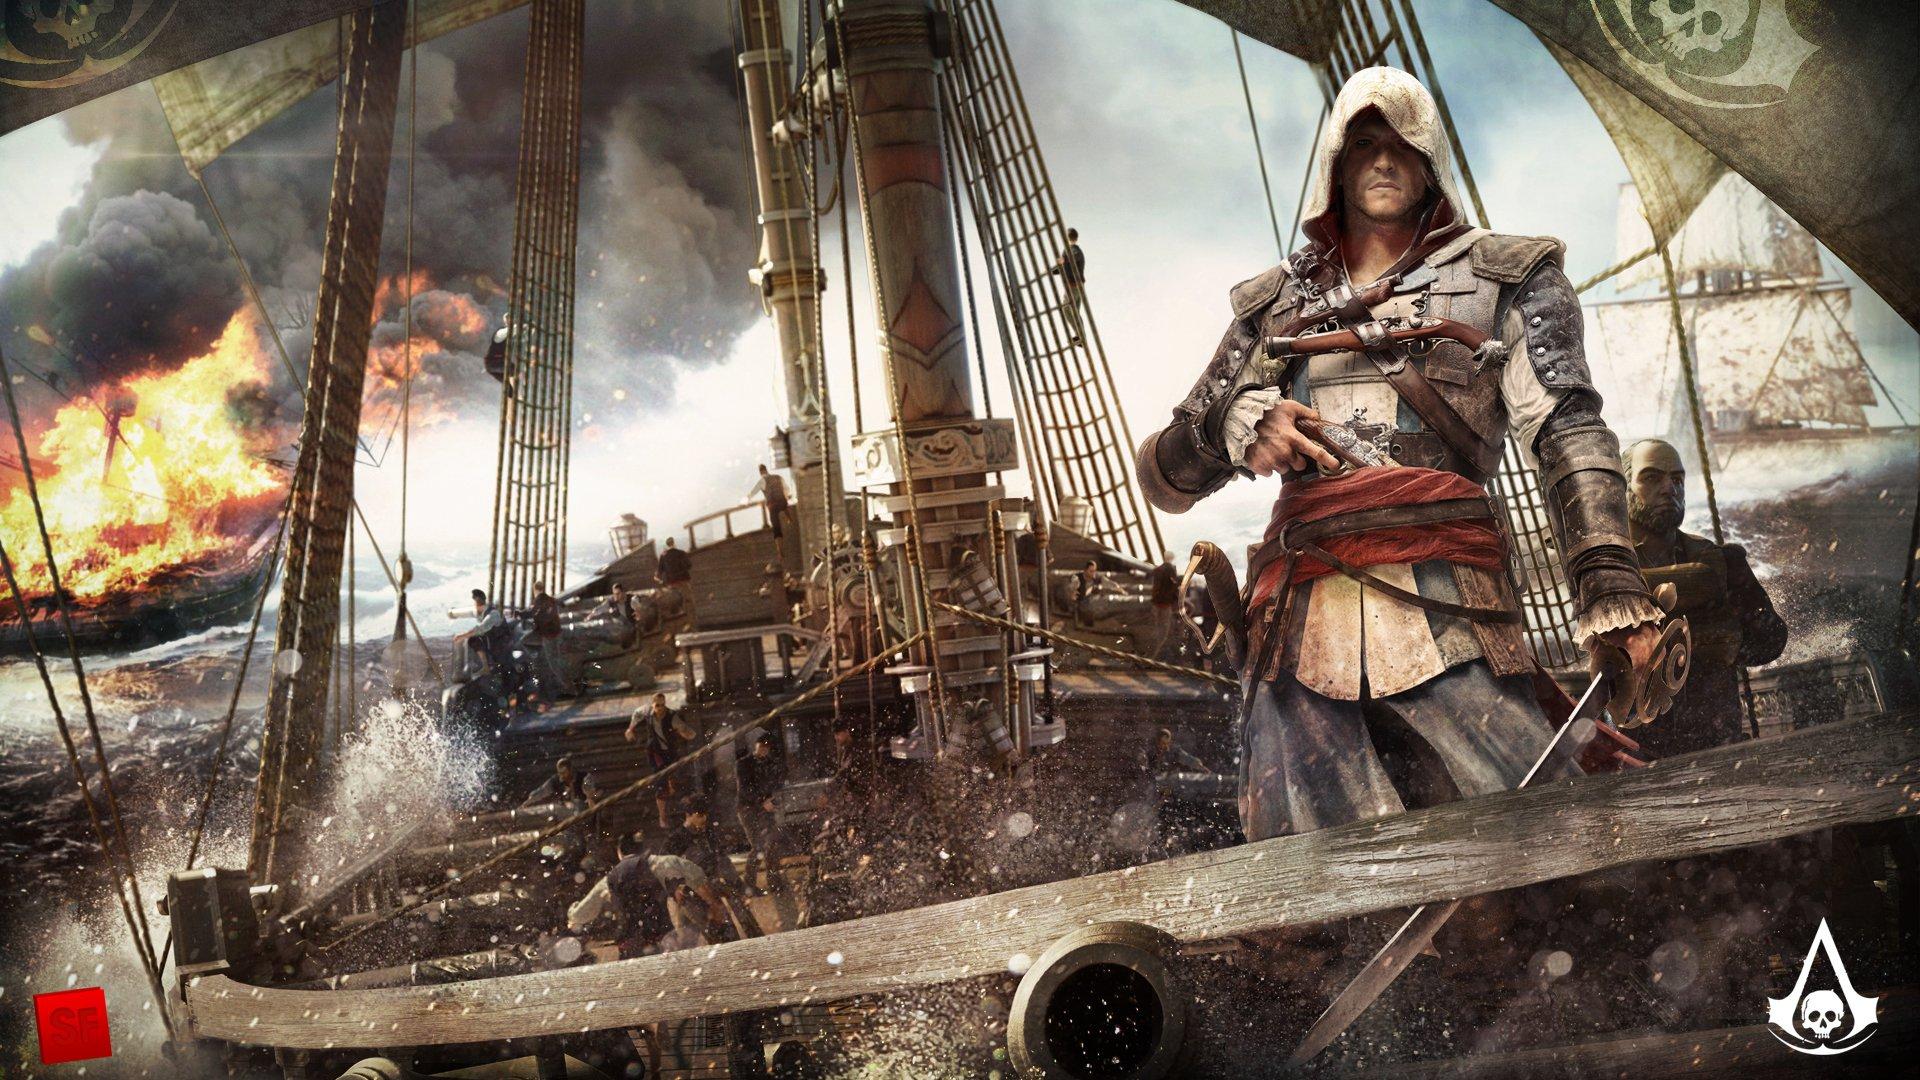 Ubisoft ответила на вопрос, который волновал многих геймеров. А именно: как же будет выглядеть Assassin's Creed 4: B ... - Изображение 1